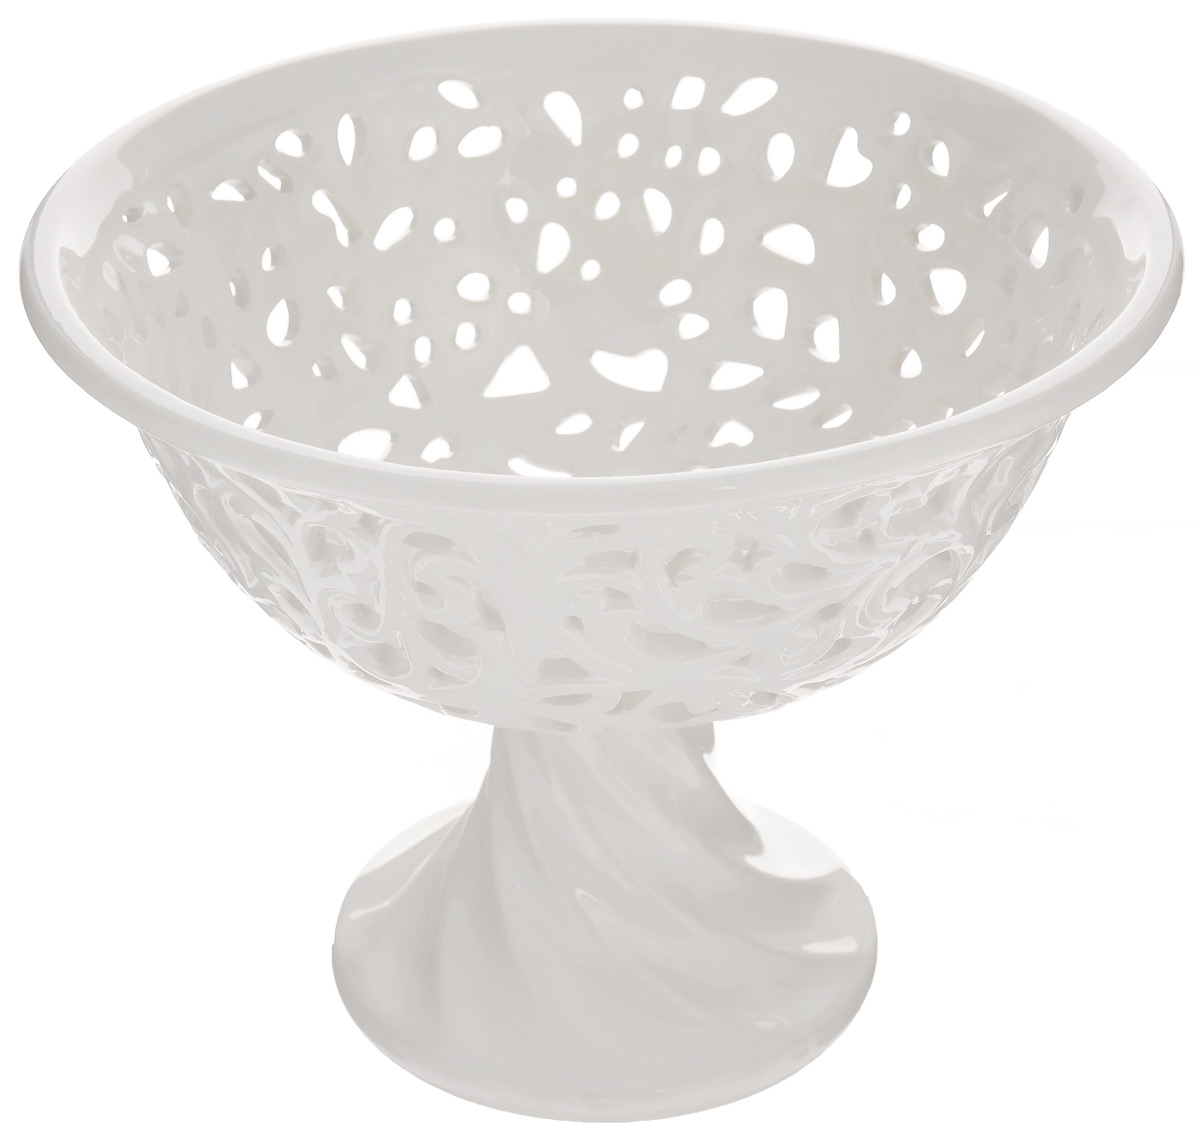 Конфетница Loraine Ажур, диаметр 18 см. 2381823818Конфетница Loraine Ажур, изготовленная из высококачественного доломита, украшена оригинальным ажурным узором. Стильная форма и интересное исполнение идеально впишутся в любой стиль, а универсальный белый цвет подойдет к любой мебели.